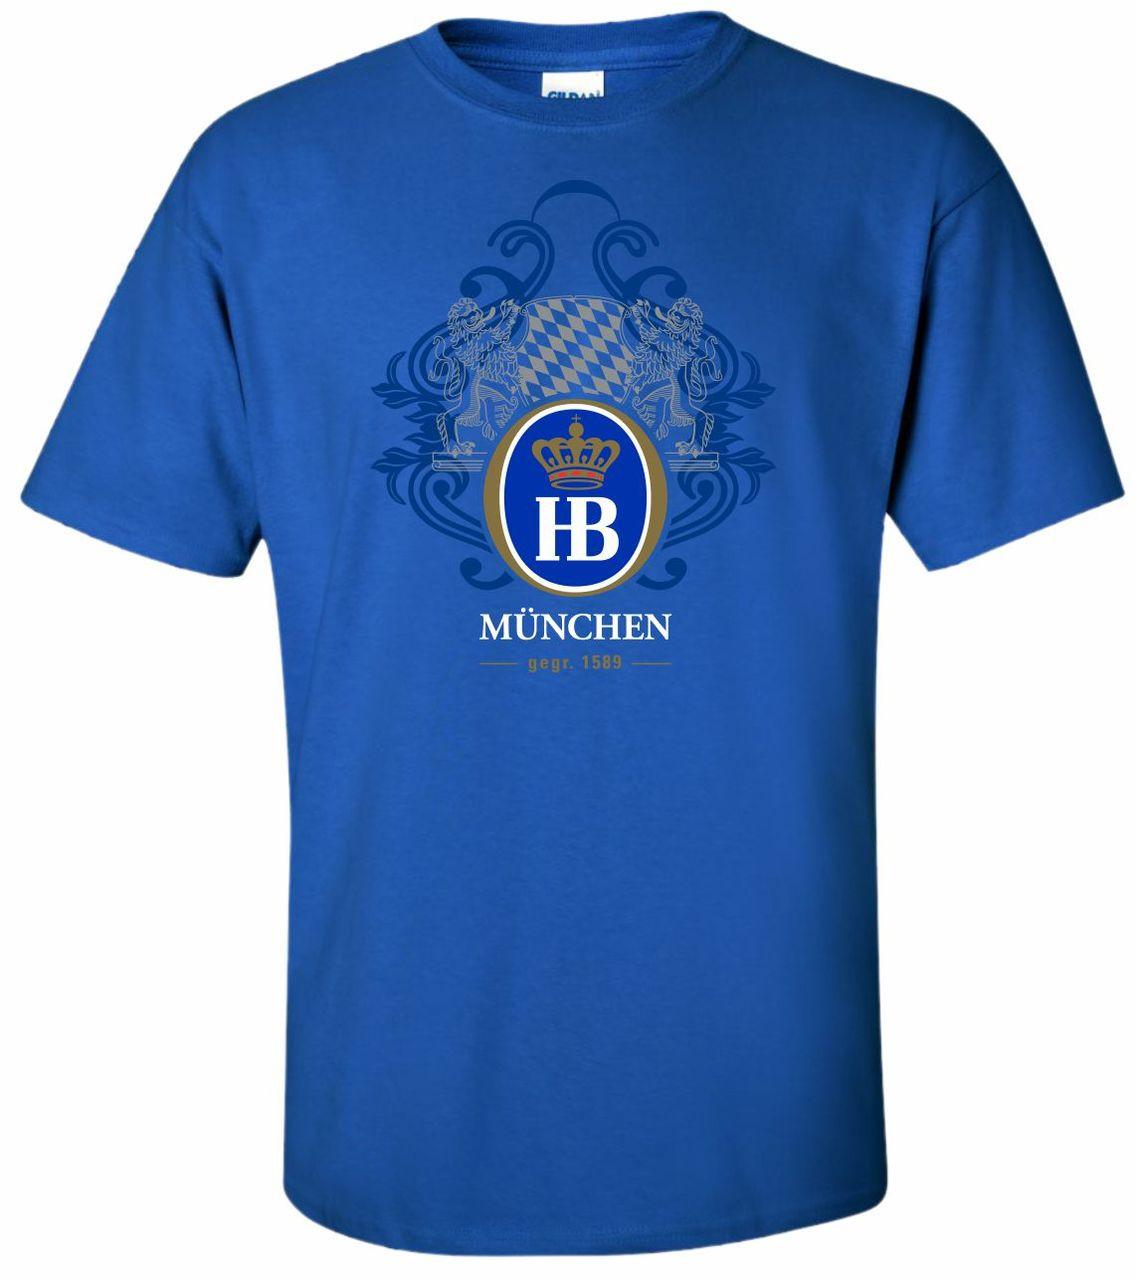 Hofbrauhaus HB 1589 Royal Blue T Shirt